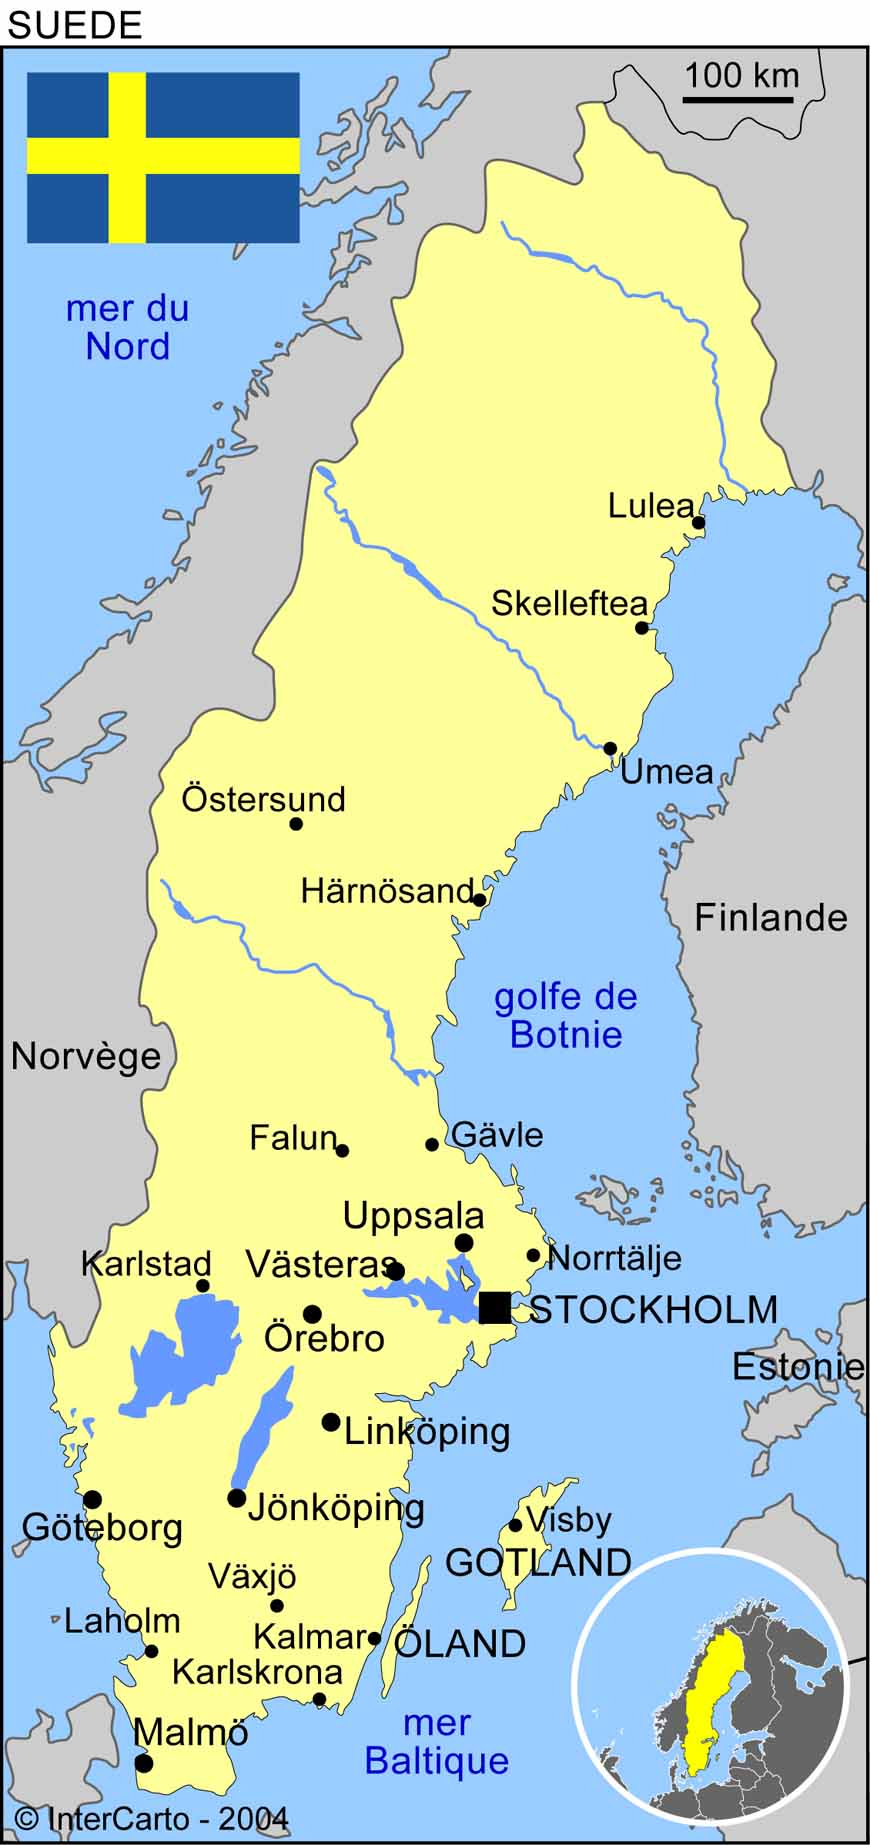 sites-touristiques-suede